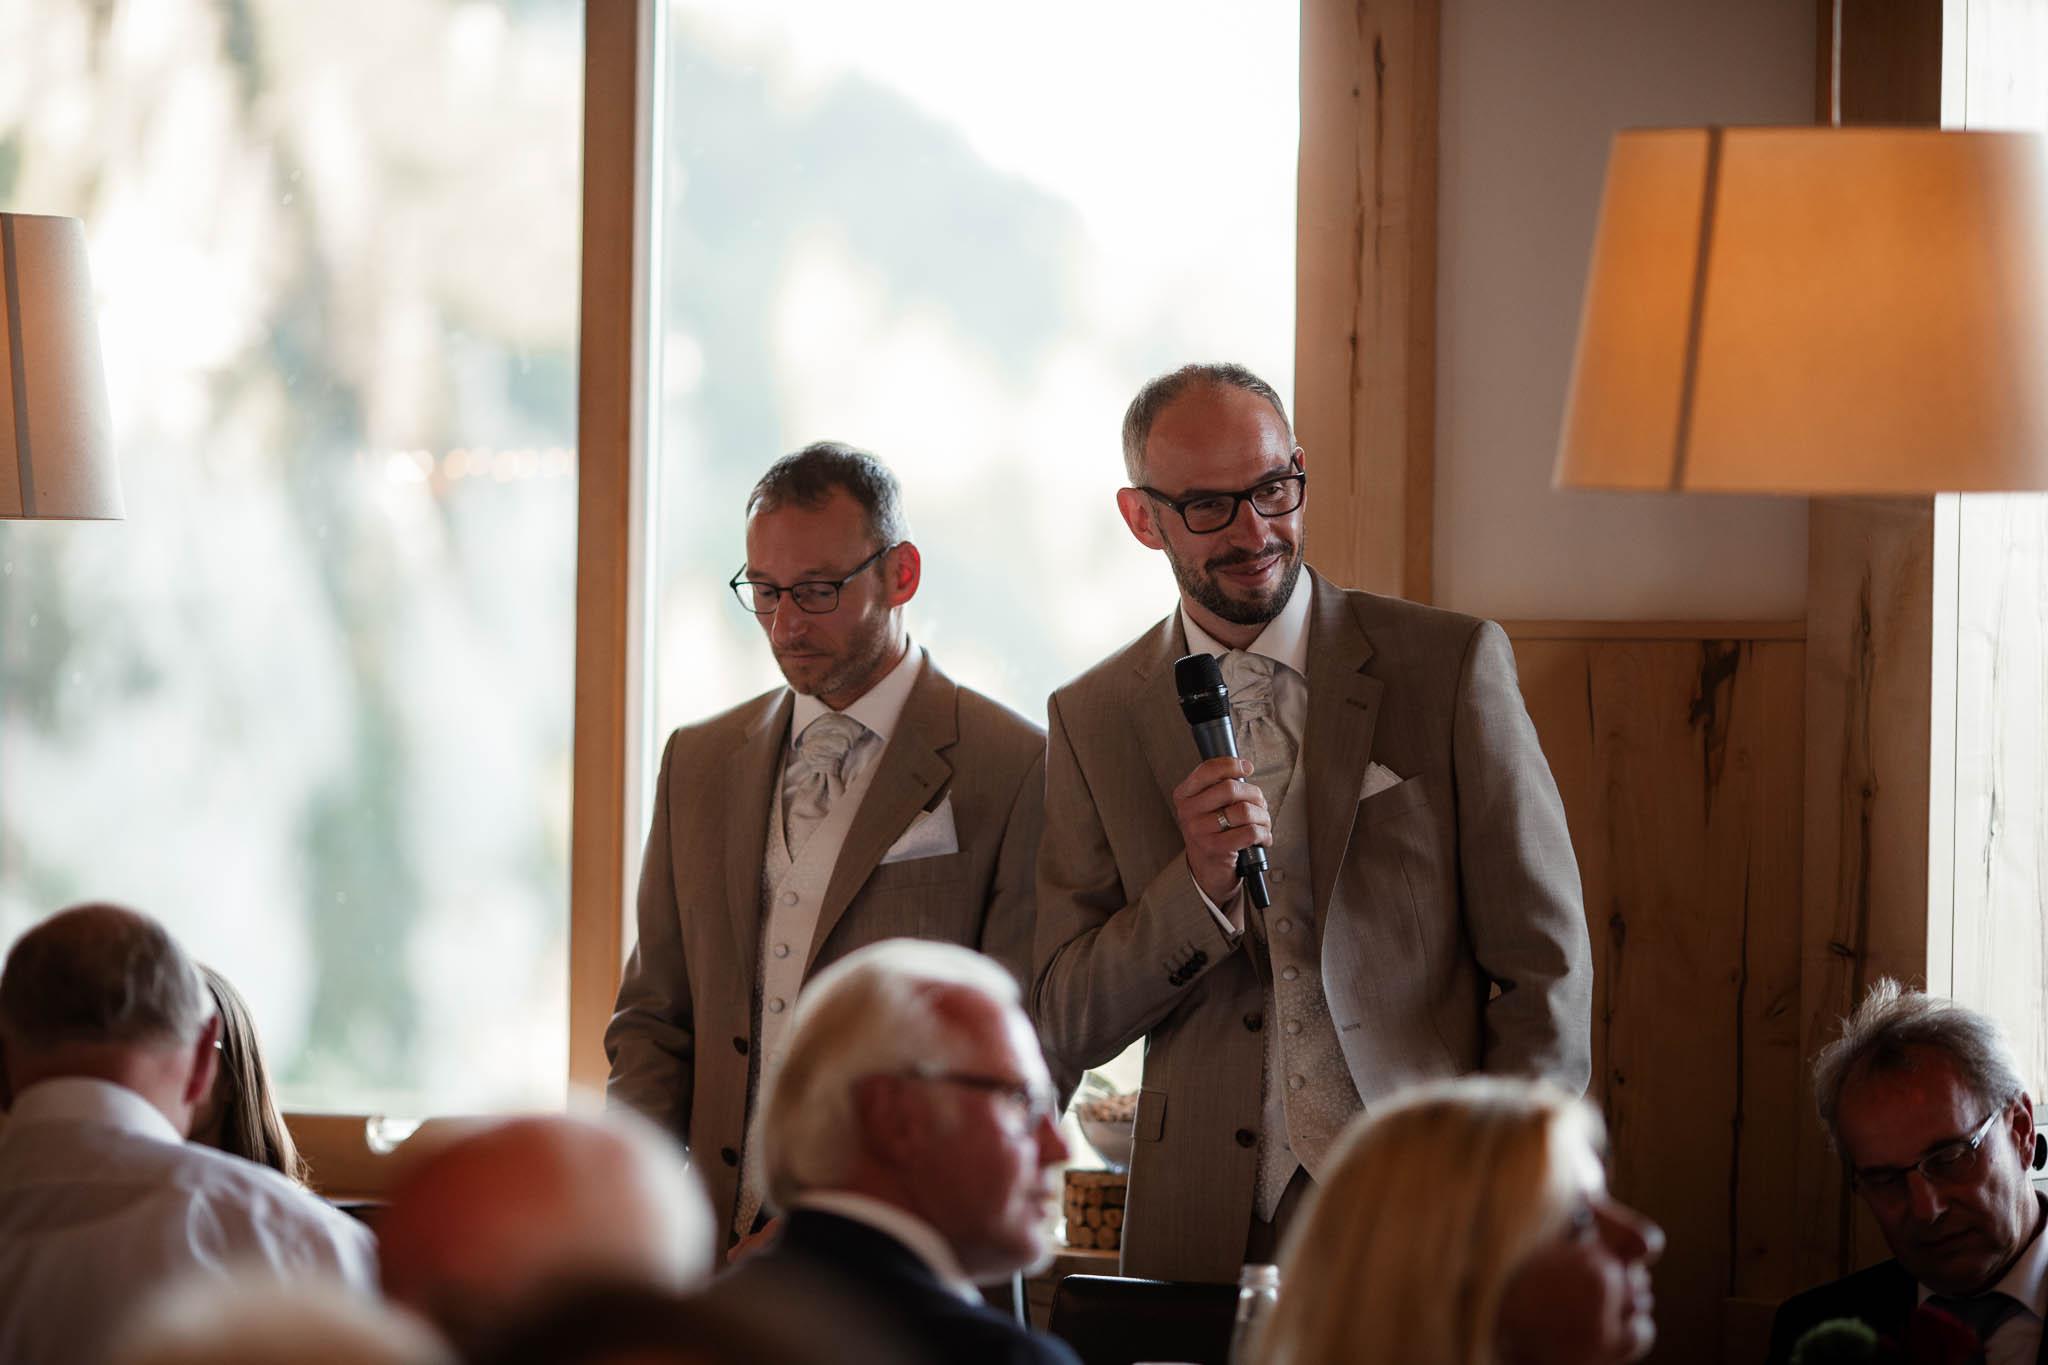 Hochzeitsfotograf Alpen, Chiemgau: freie Trauung von Dennis & Dirk 77